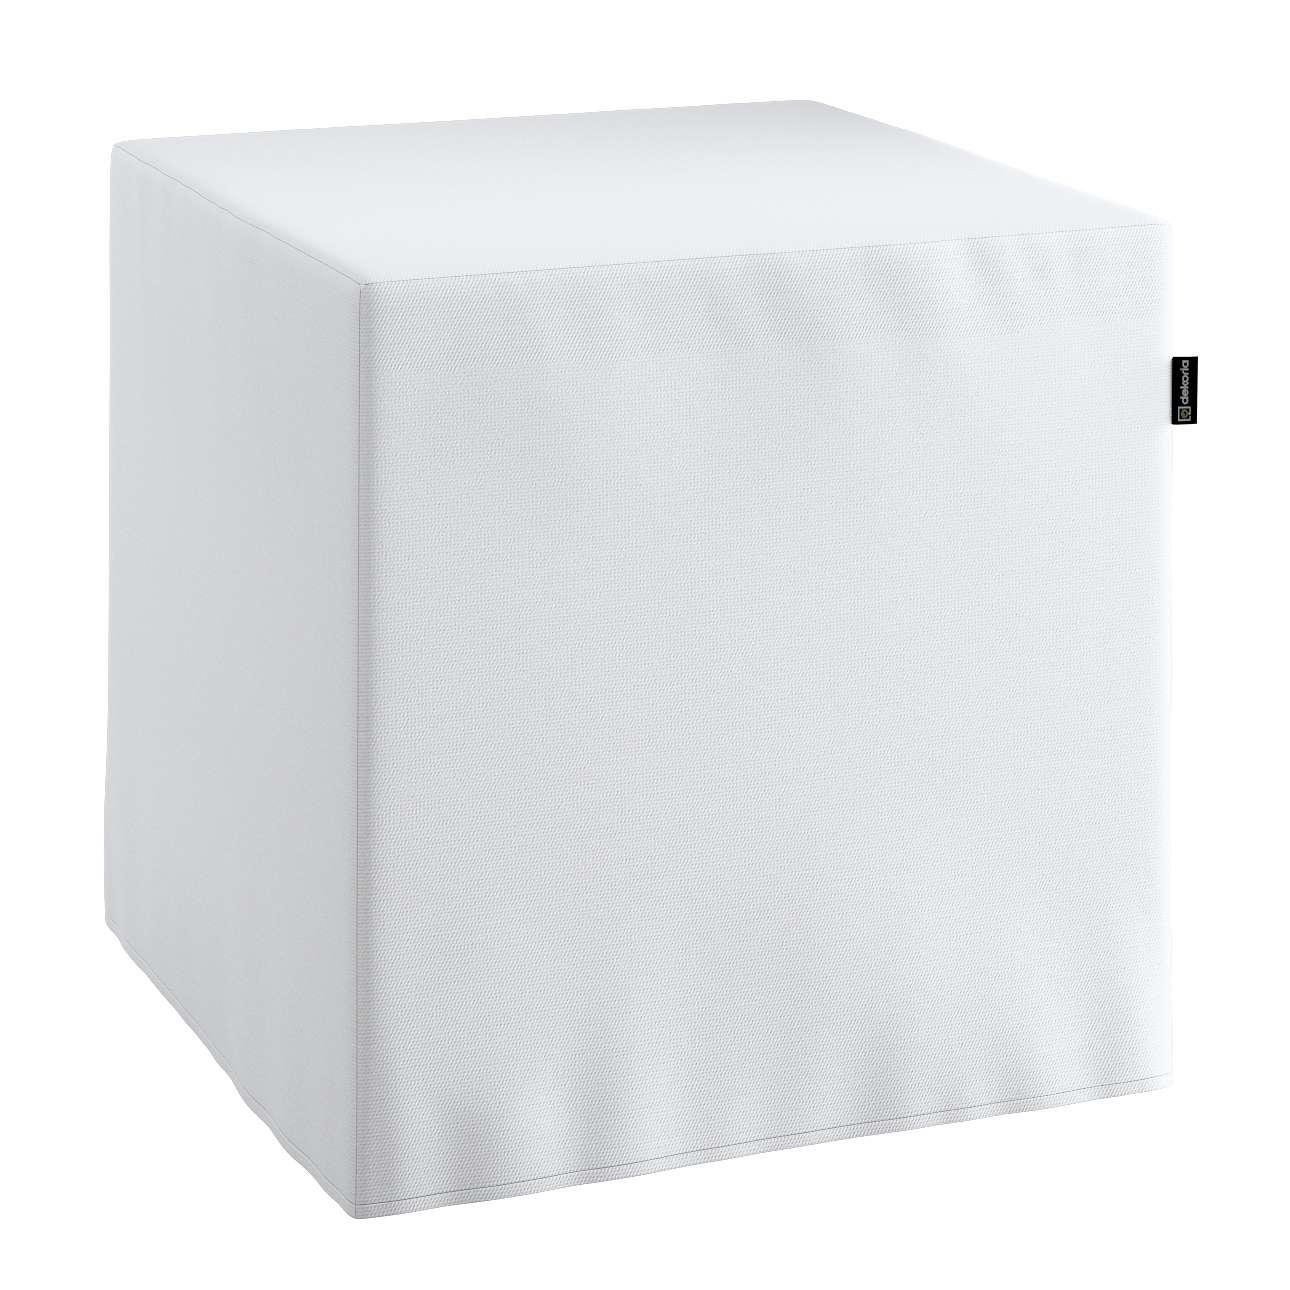 Harter Sitzwürfel 40 x 40 x 40 cm von der Kollektion Loneta, Stoff: 133-02